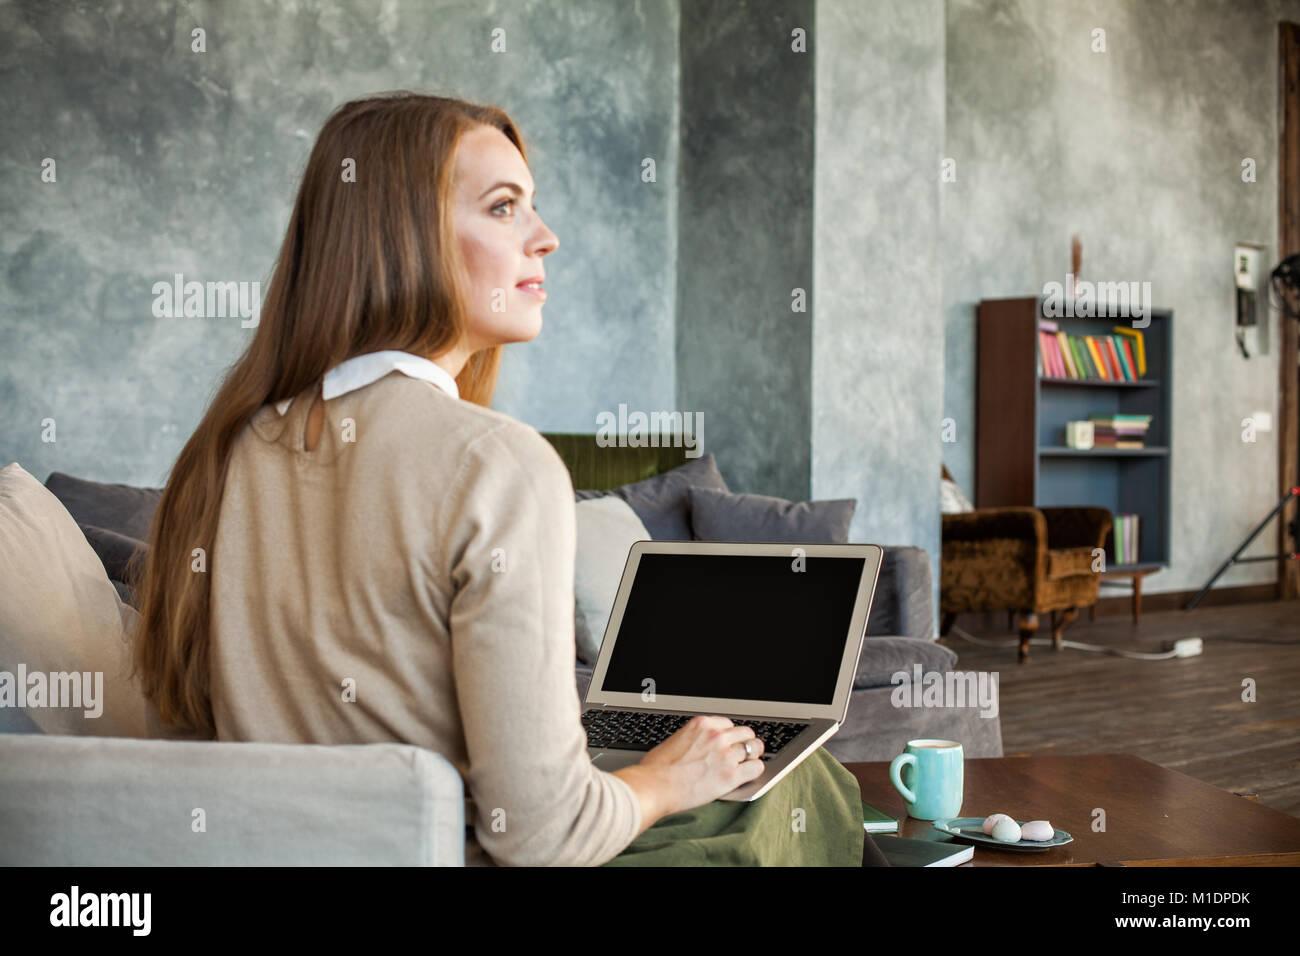 Lo schermo del laptop sulla donna sfocata e sfondo interni Immagini Stock